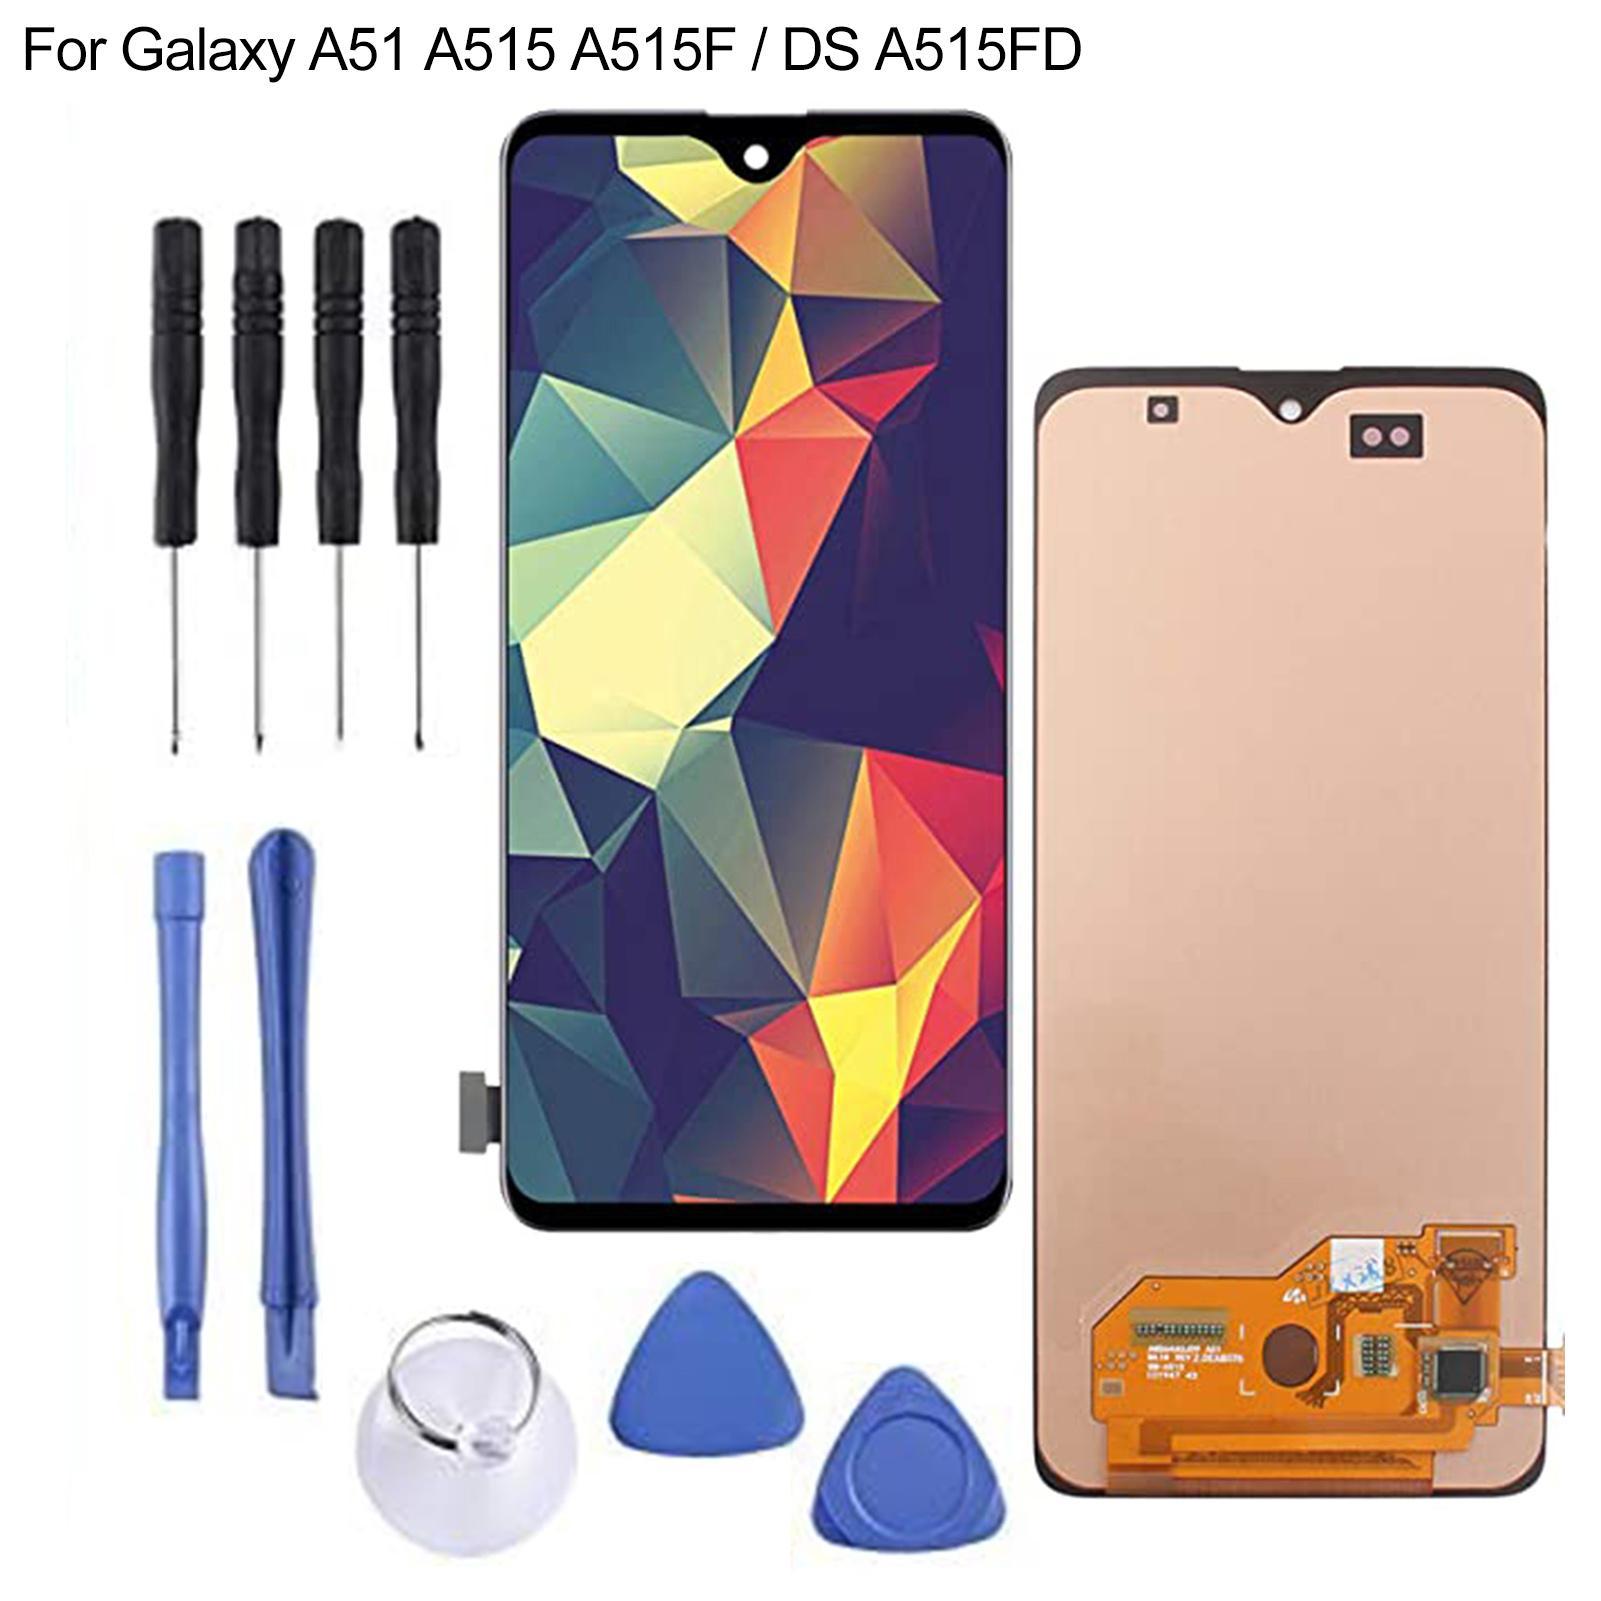 مجموعة أدوات بديلة لمحول الأرقام بشاشة LCD ، لجهاز Samsung Galaxy A51